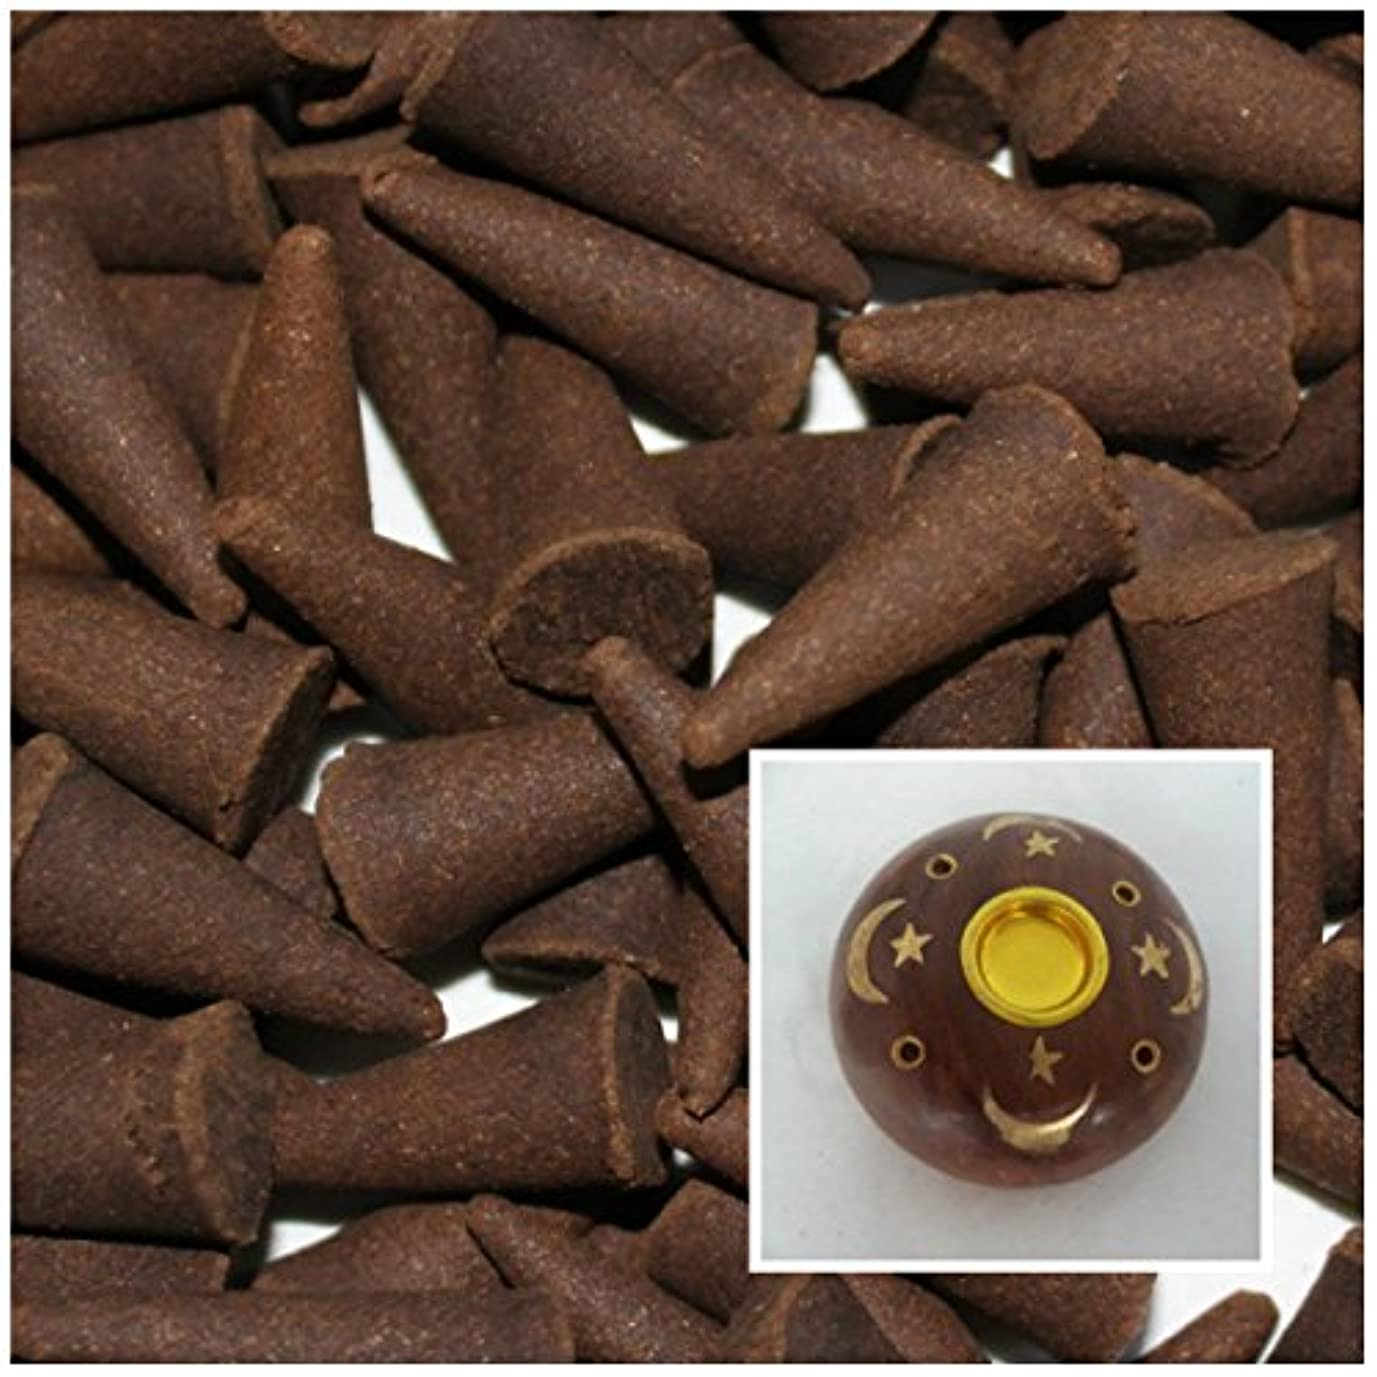 不健全学んだ構成員Incense Cones 50 Bulk Pack Plus Holder: Frankincense and Myrrh by Rainbowrecords239